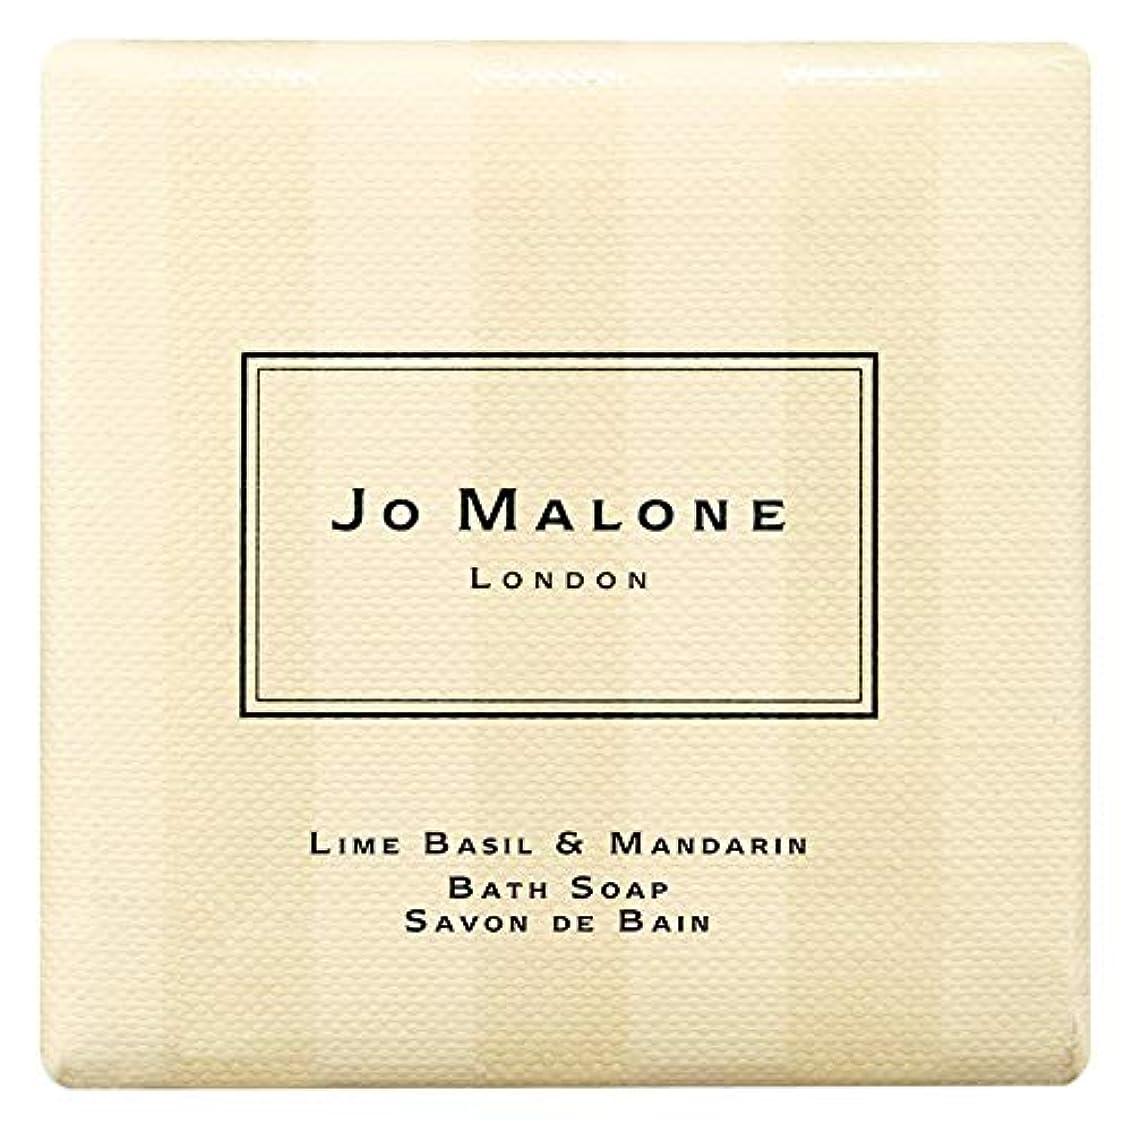 翻訳に変わる上へ[Jo Malone] ジョーマローンロンドンライムバジル&マンダリンお風呂の石鹸100グラム - Jo Malone London Lime Basil & Mandarin Bath Soap 100g [並行輸入品]